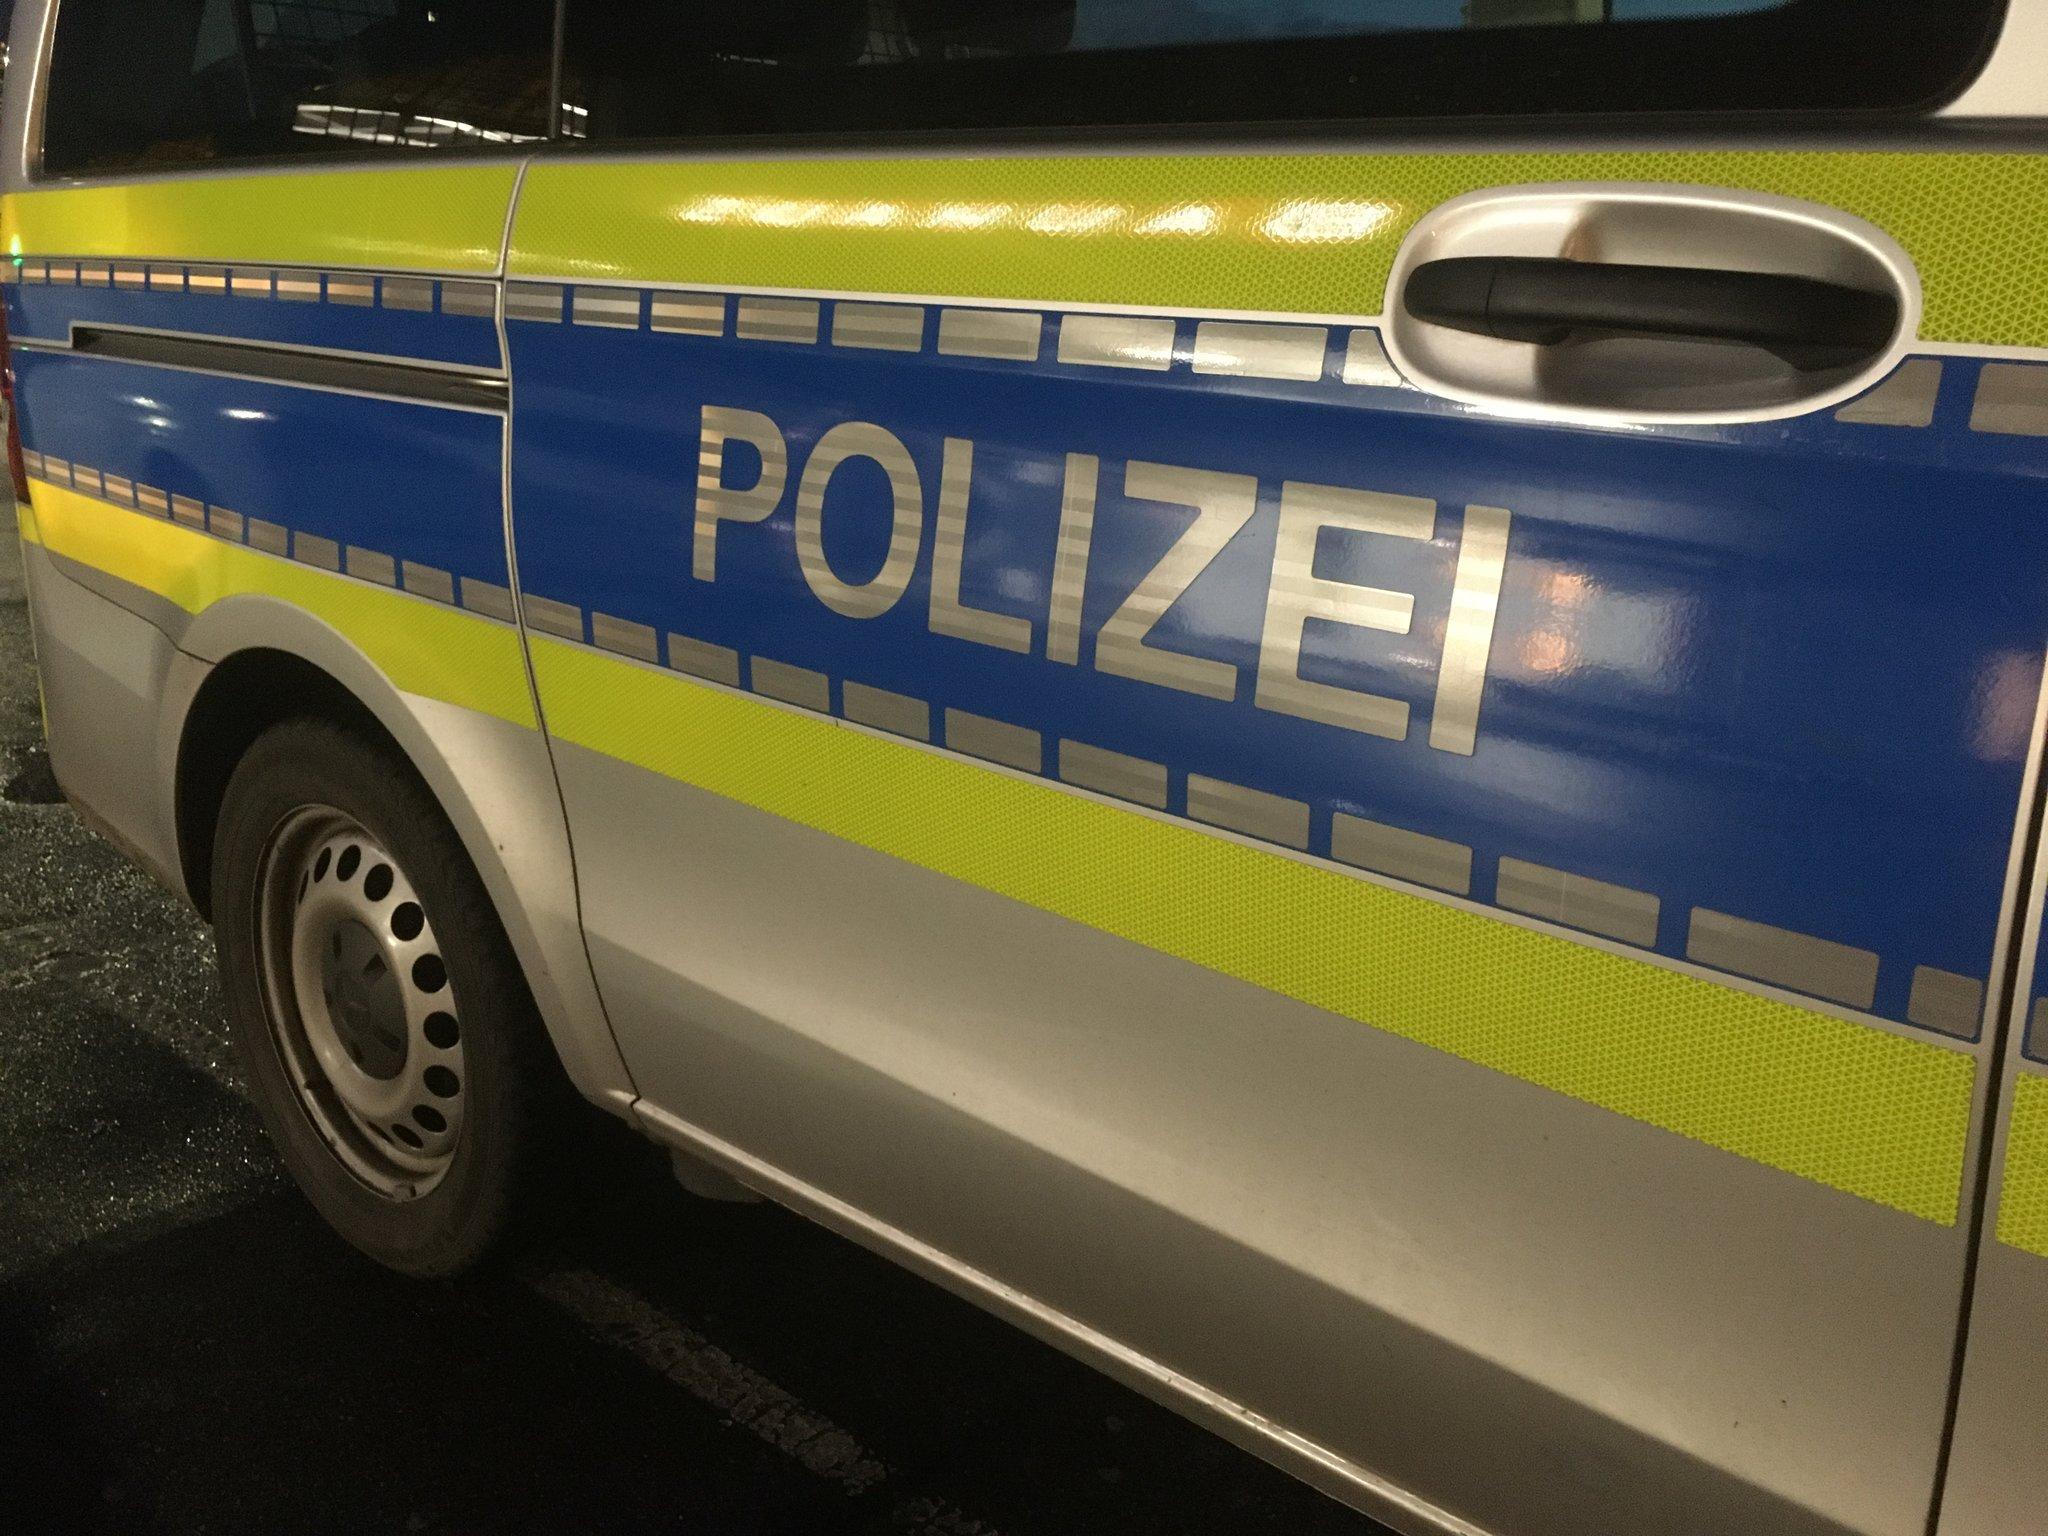 Festgehalten und ins Gesicht geschlagen: Unbekannte greifen 18-Jährigen in Ennepetal an - Ennepetal - Lokalkompass.de